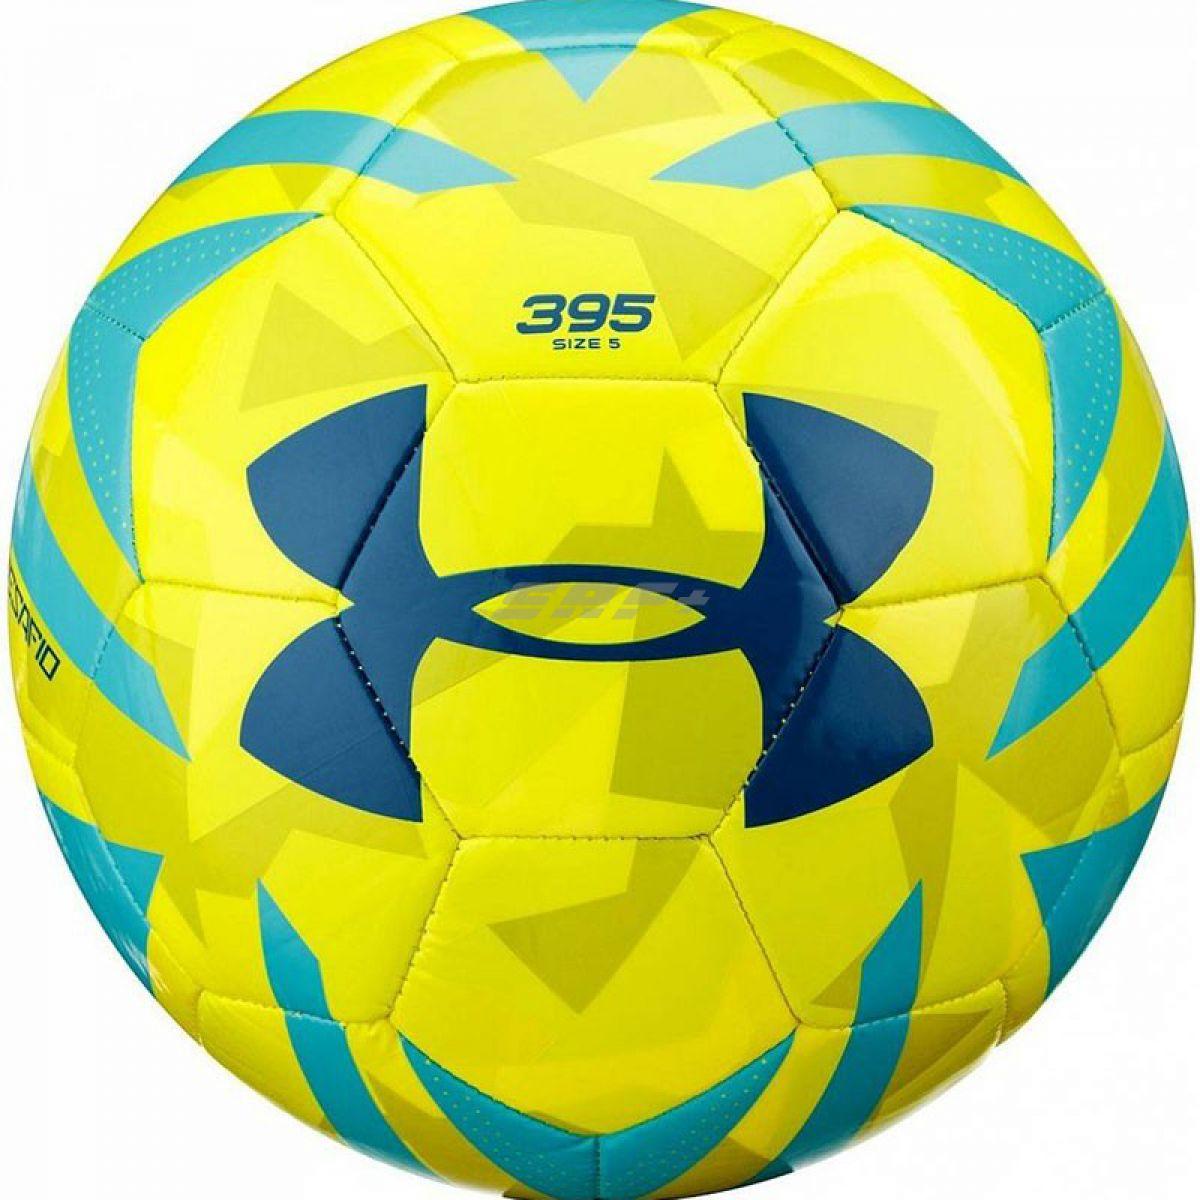 Мяч футбольный Under Armour Desafio 395